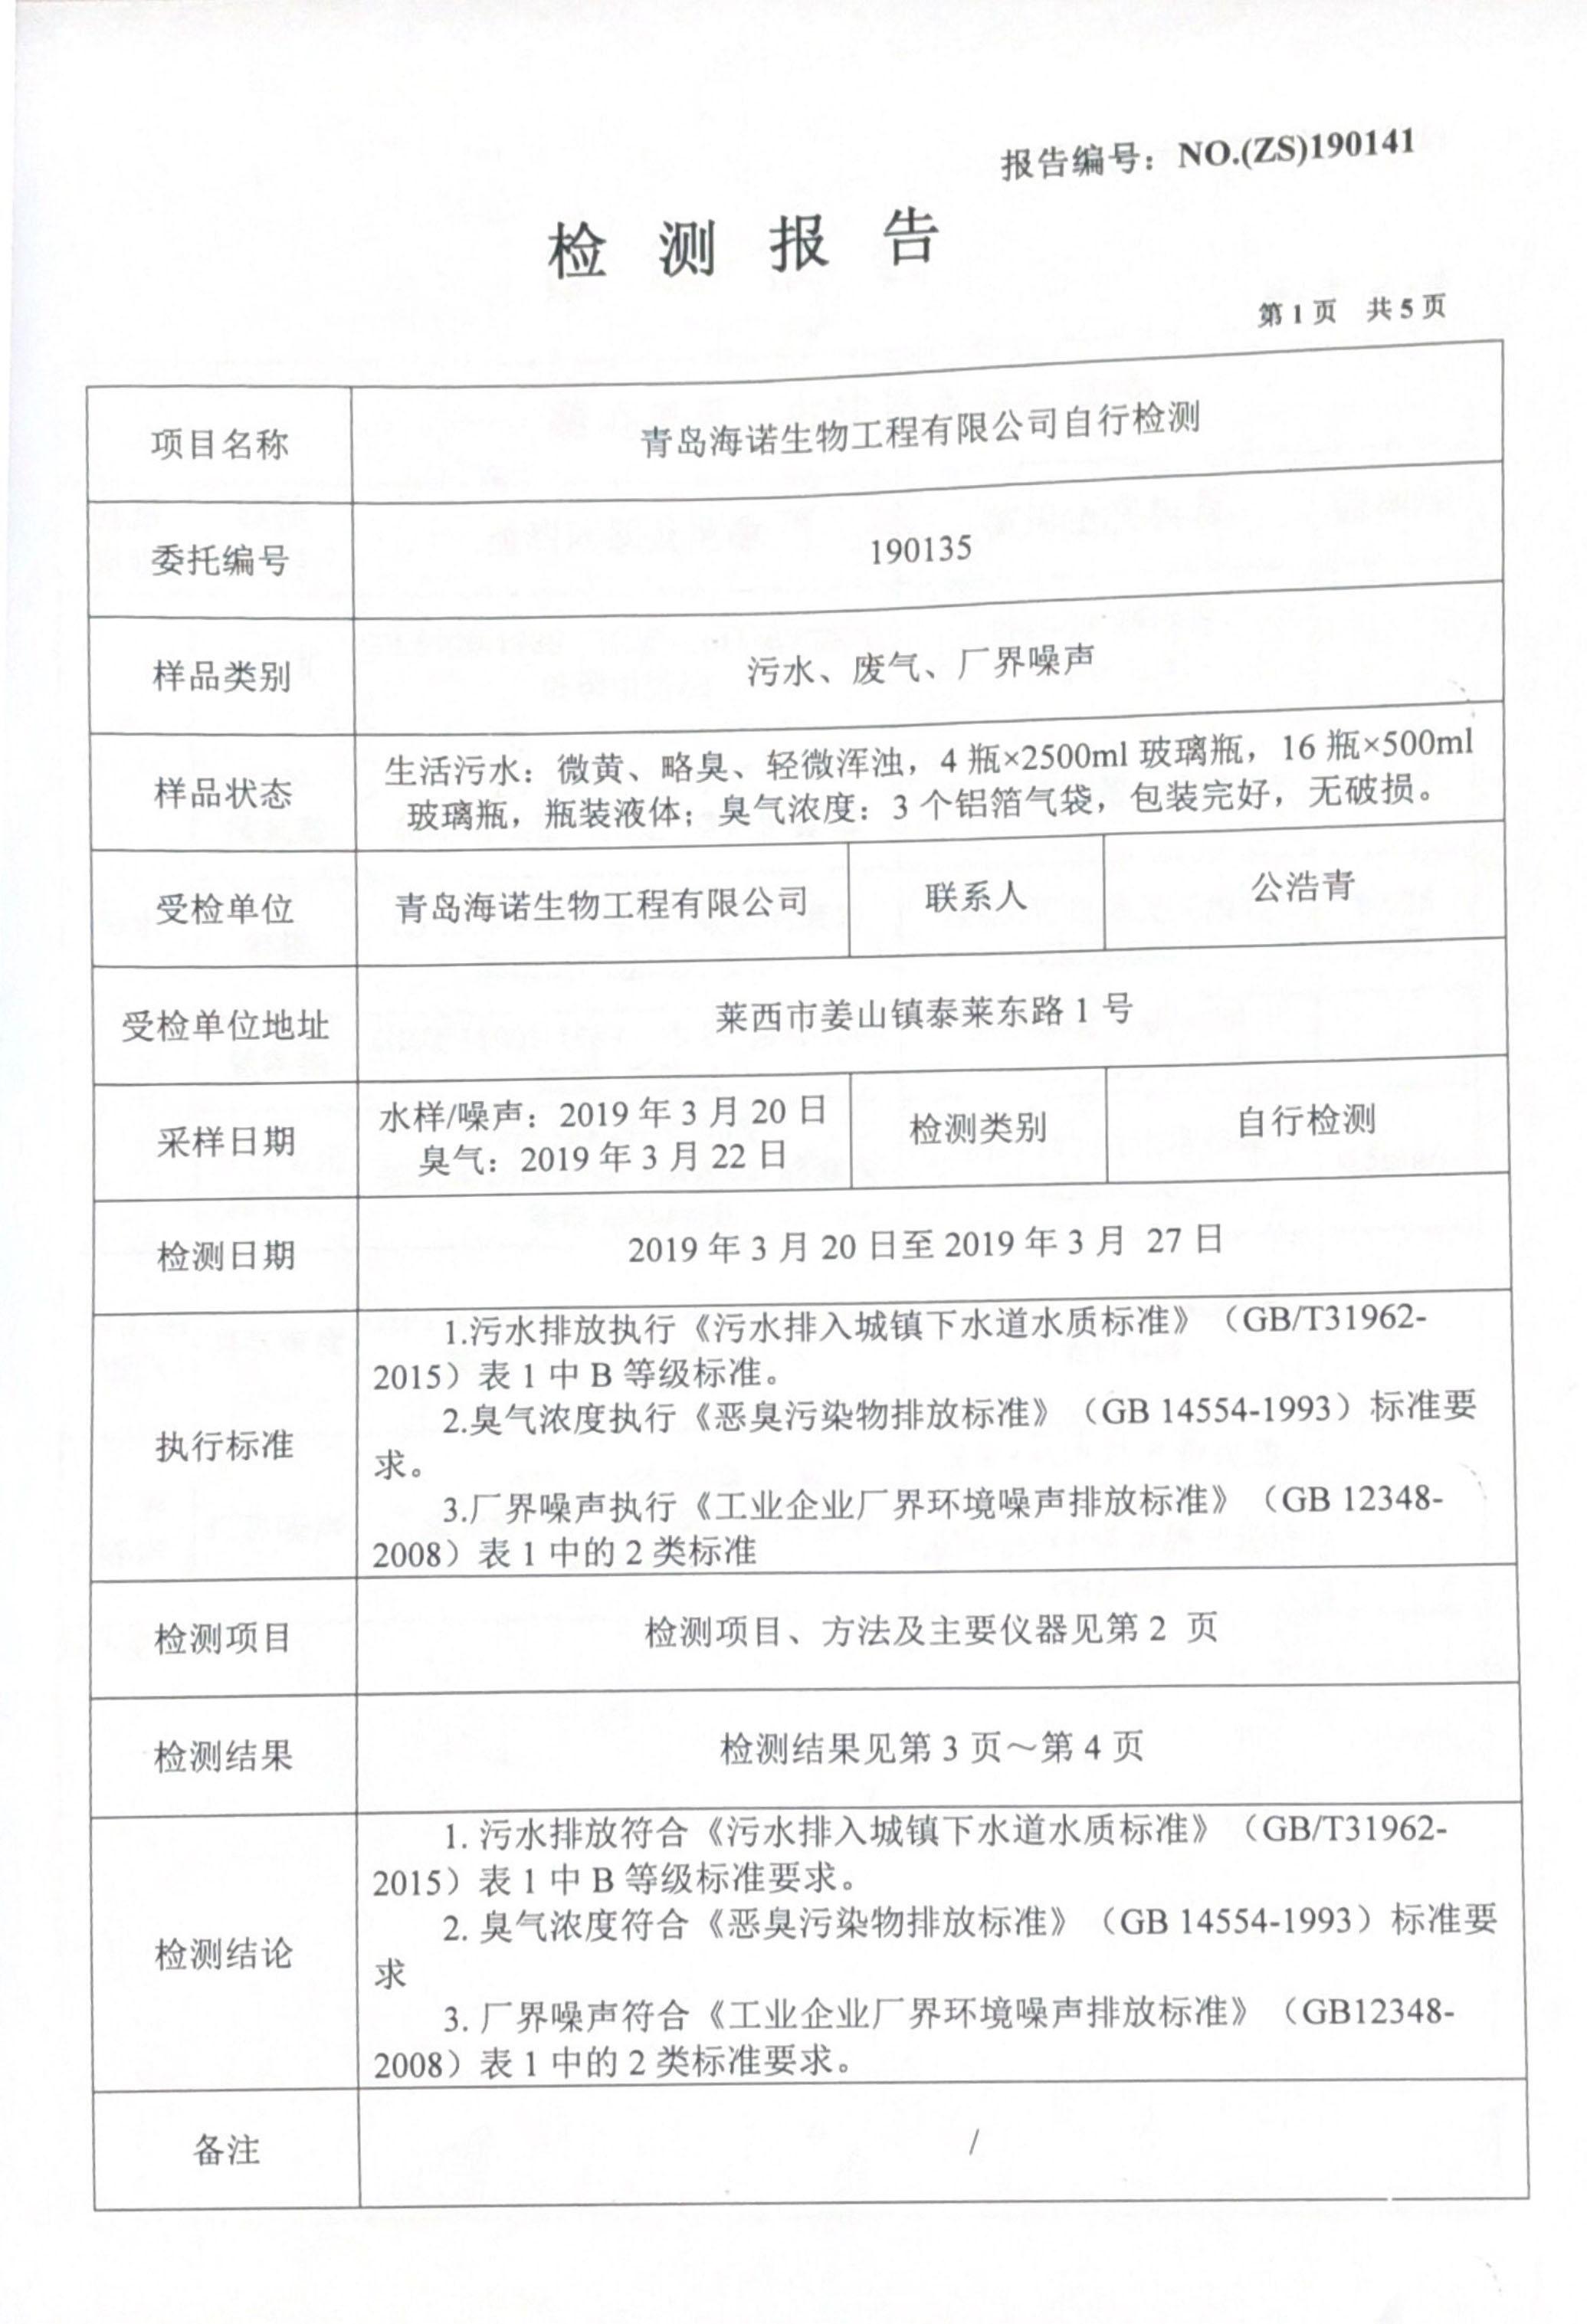 青岛海诺生物工程有限公司自行检测报告-3